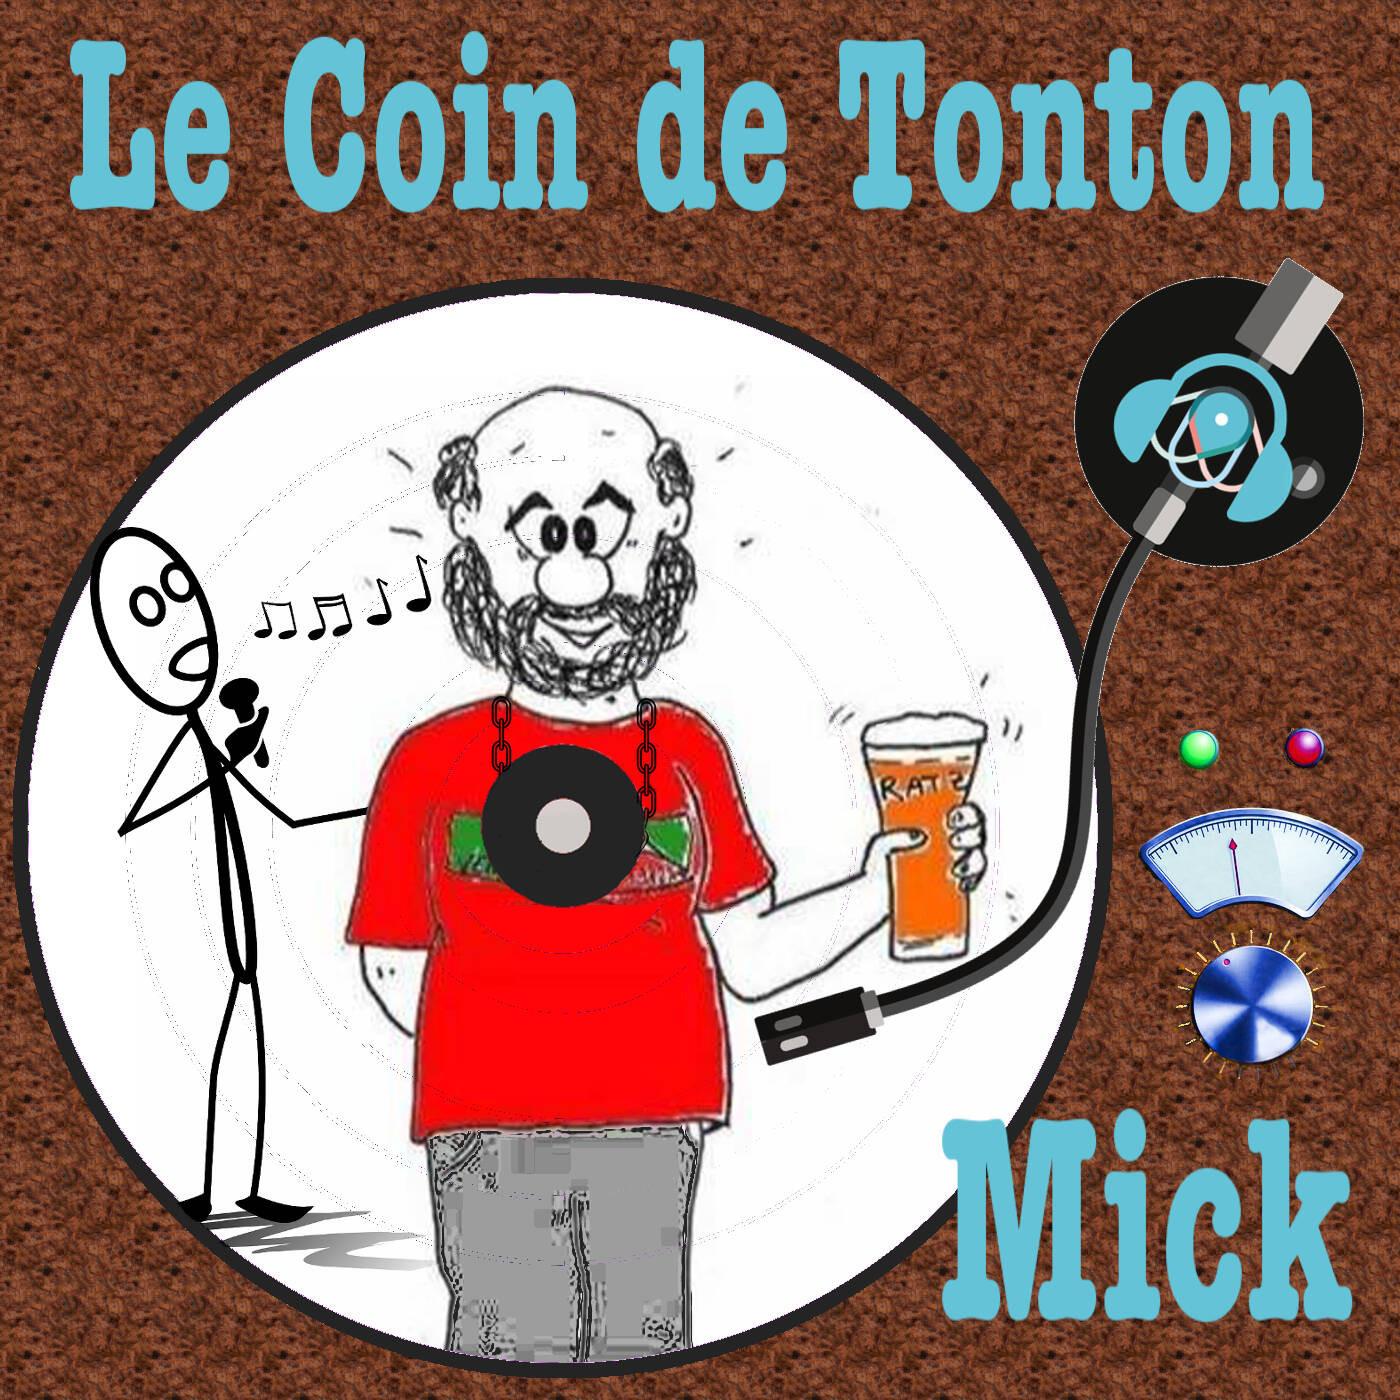 LE COIN DE TONTON MICK S1E4 - Artiste - Barbara Weldens part 2